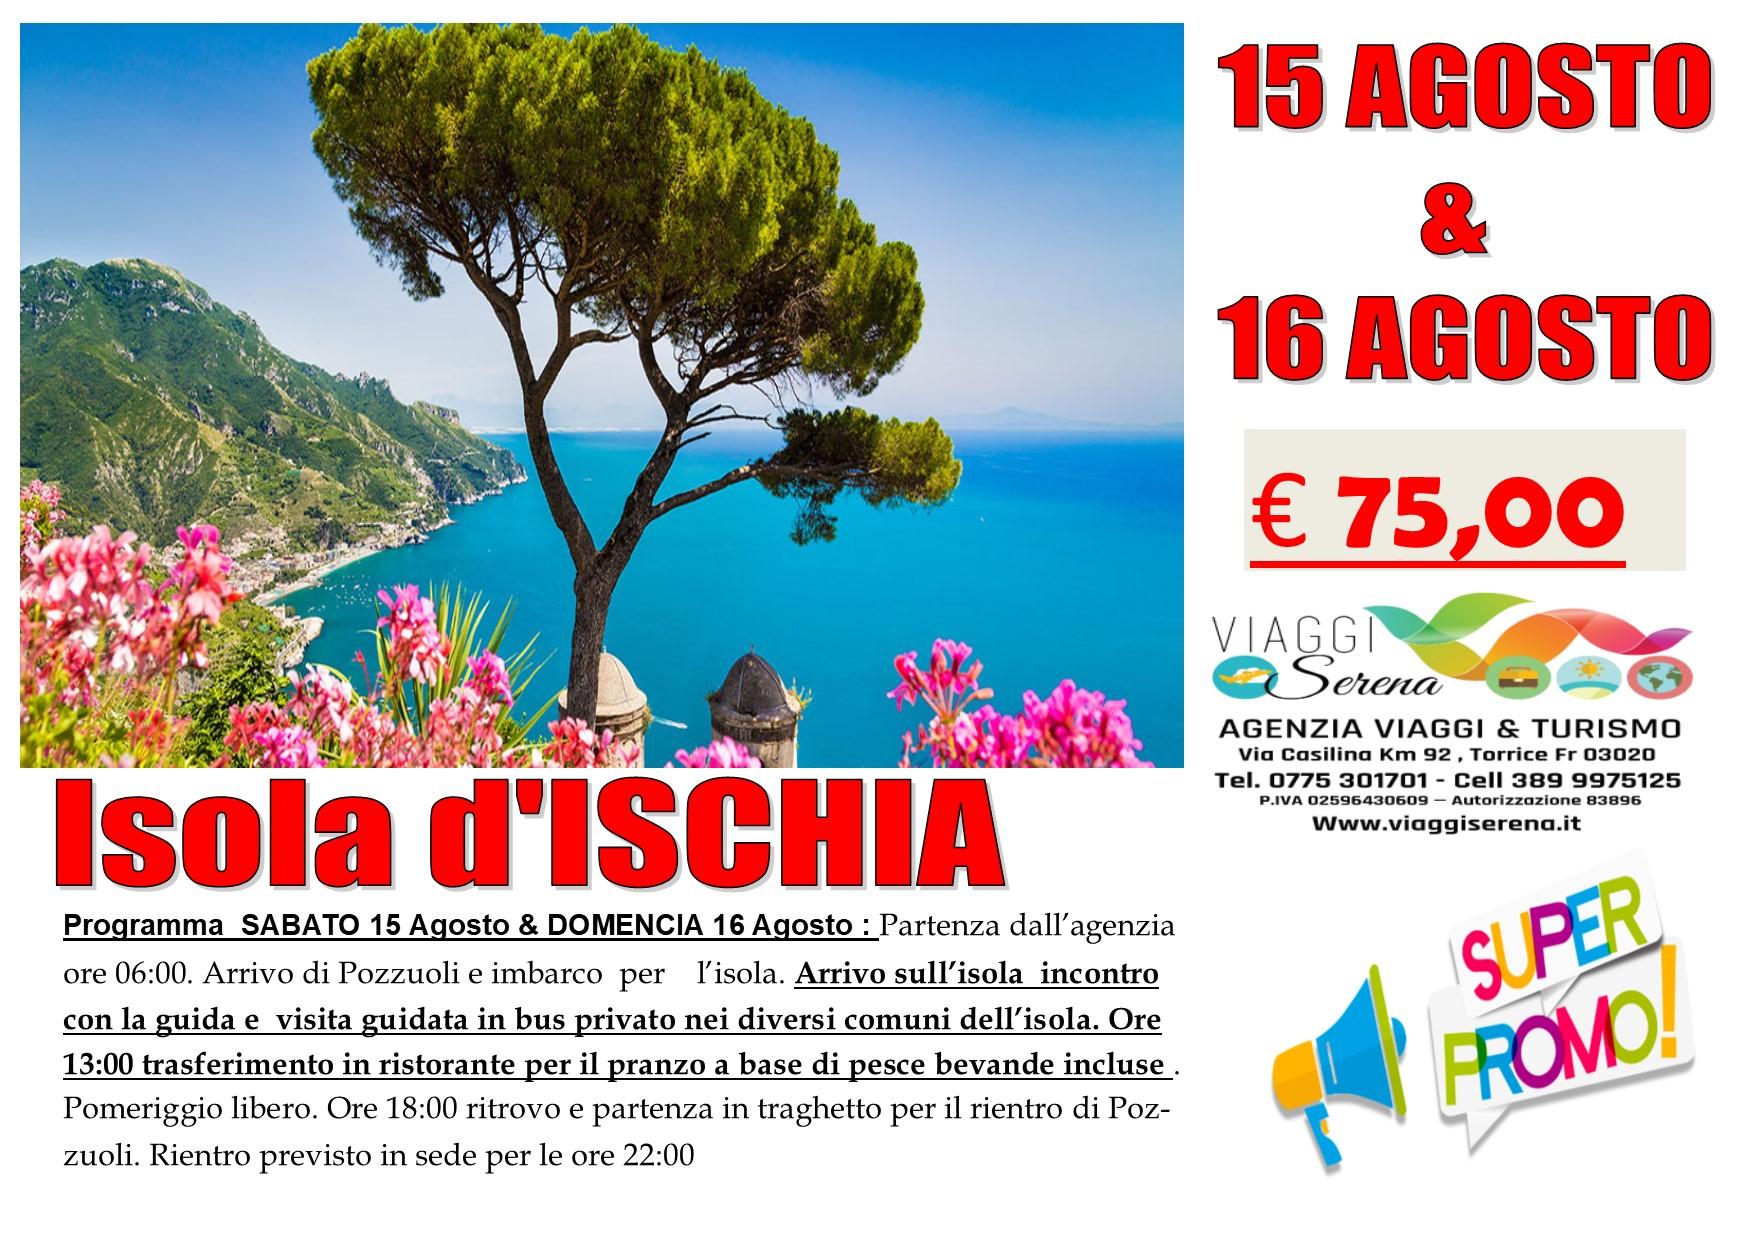 Viaggi di Gruppo: Isola d'ISCHIA 15 Agosto €75,00 visita guidata in bus e Pranzo